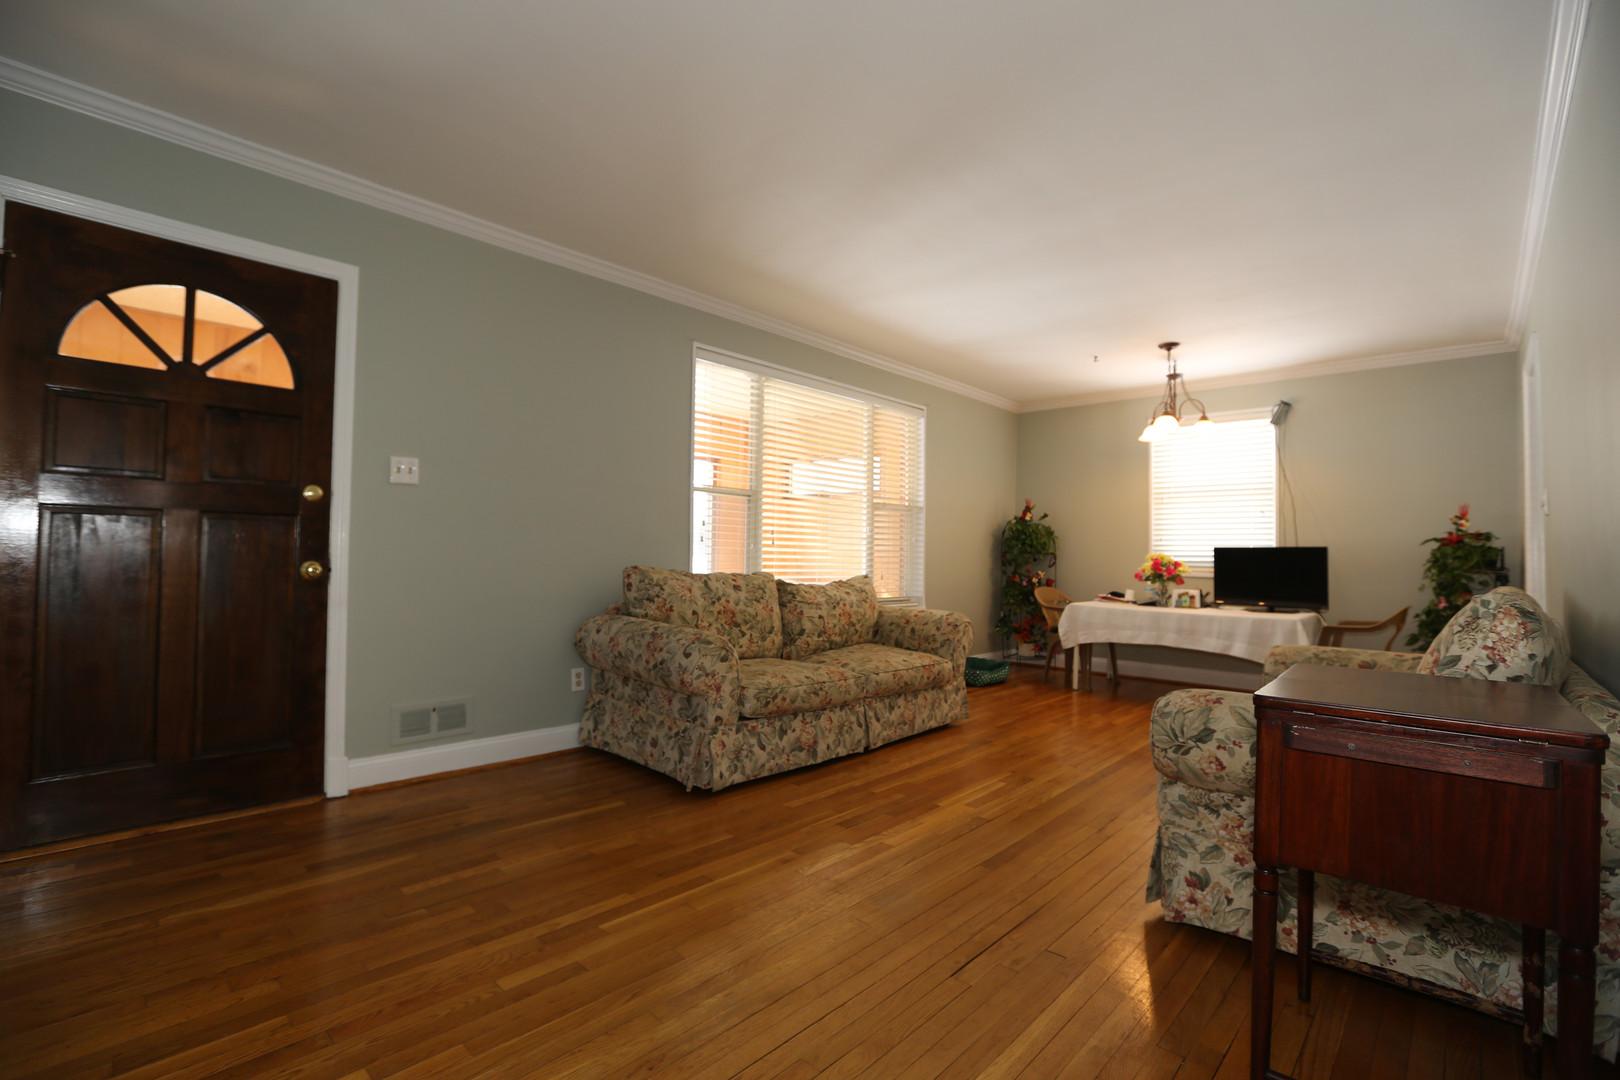 05-1 Living room.jpg